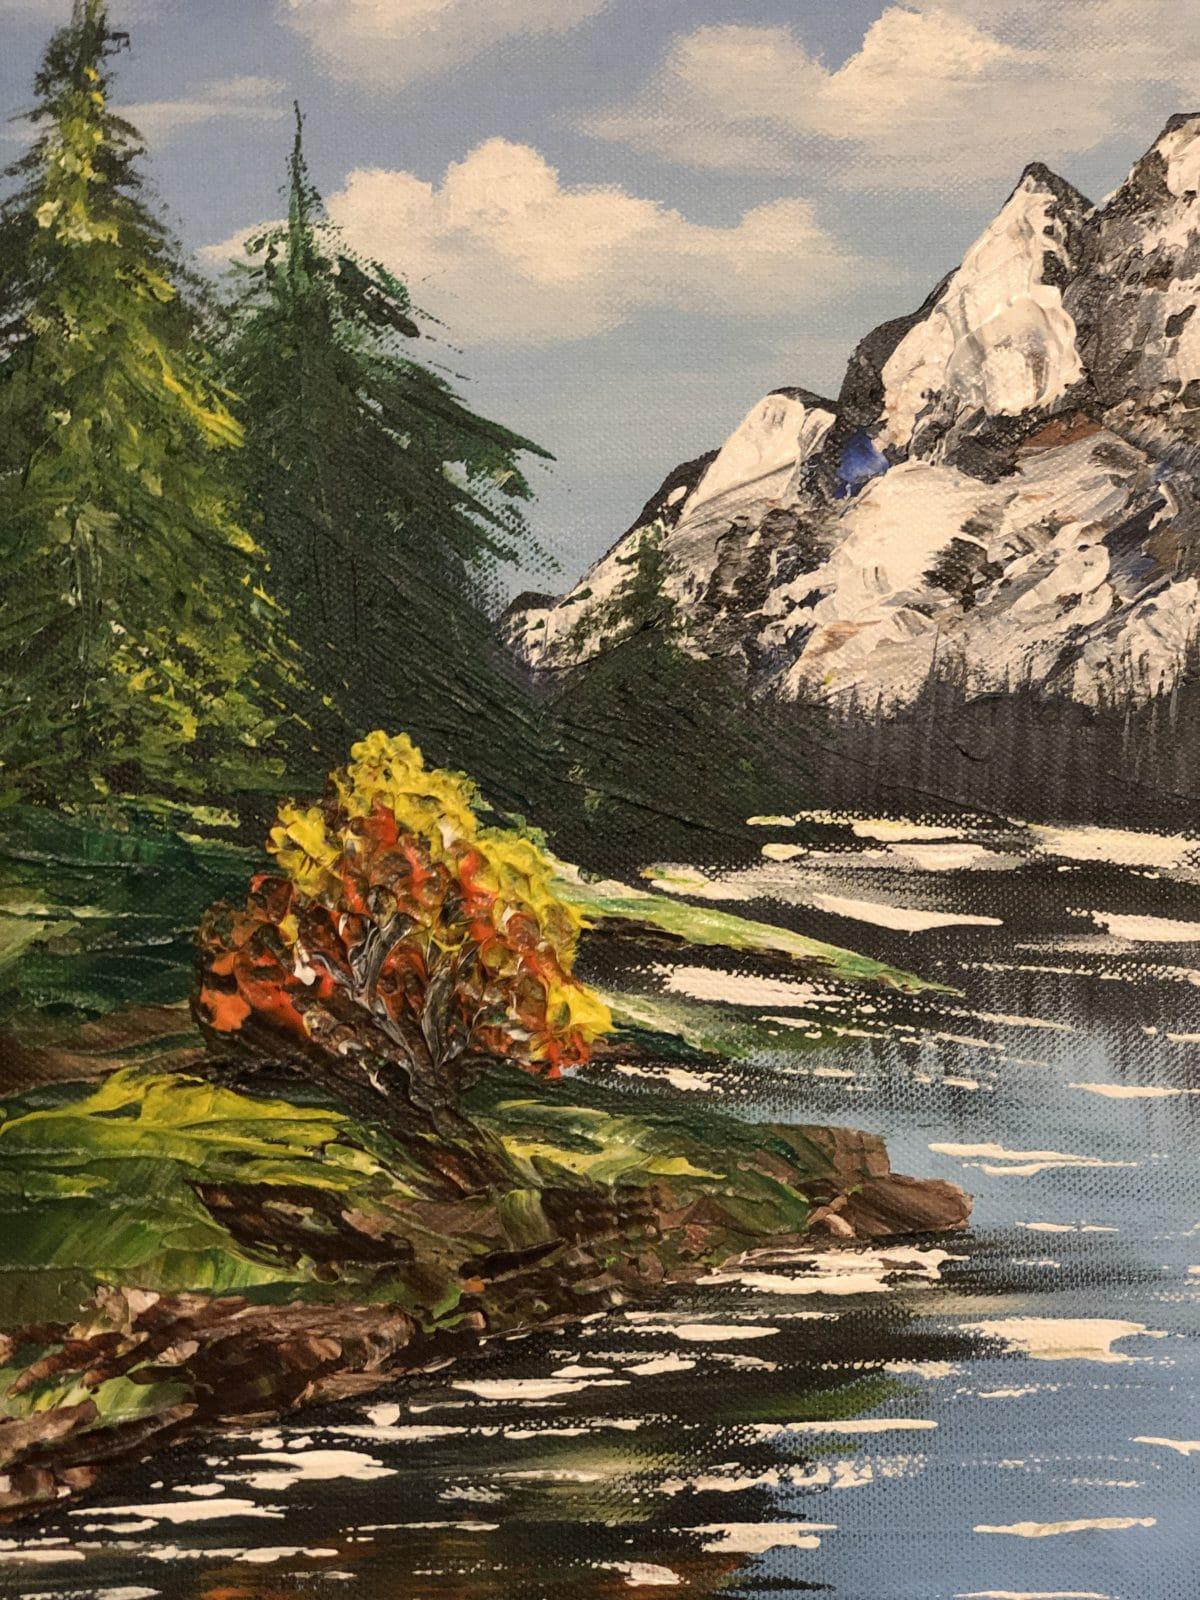 AUTUMN LAKE LANDSCAPE - paysage de l'automne, côté droi du tableau